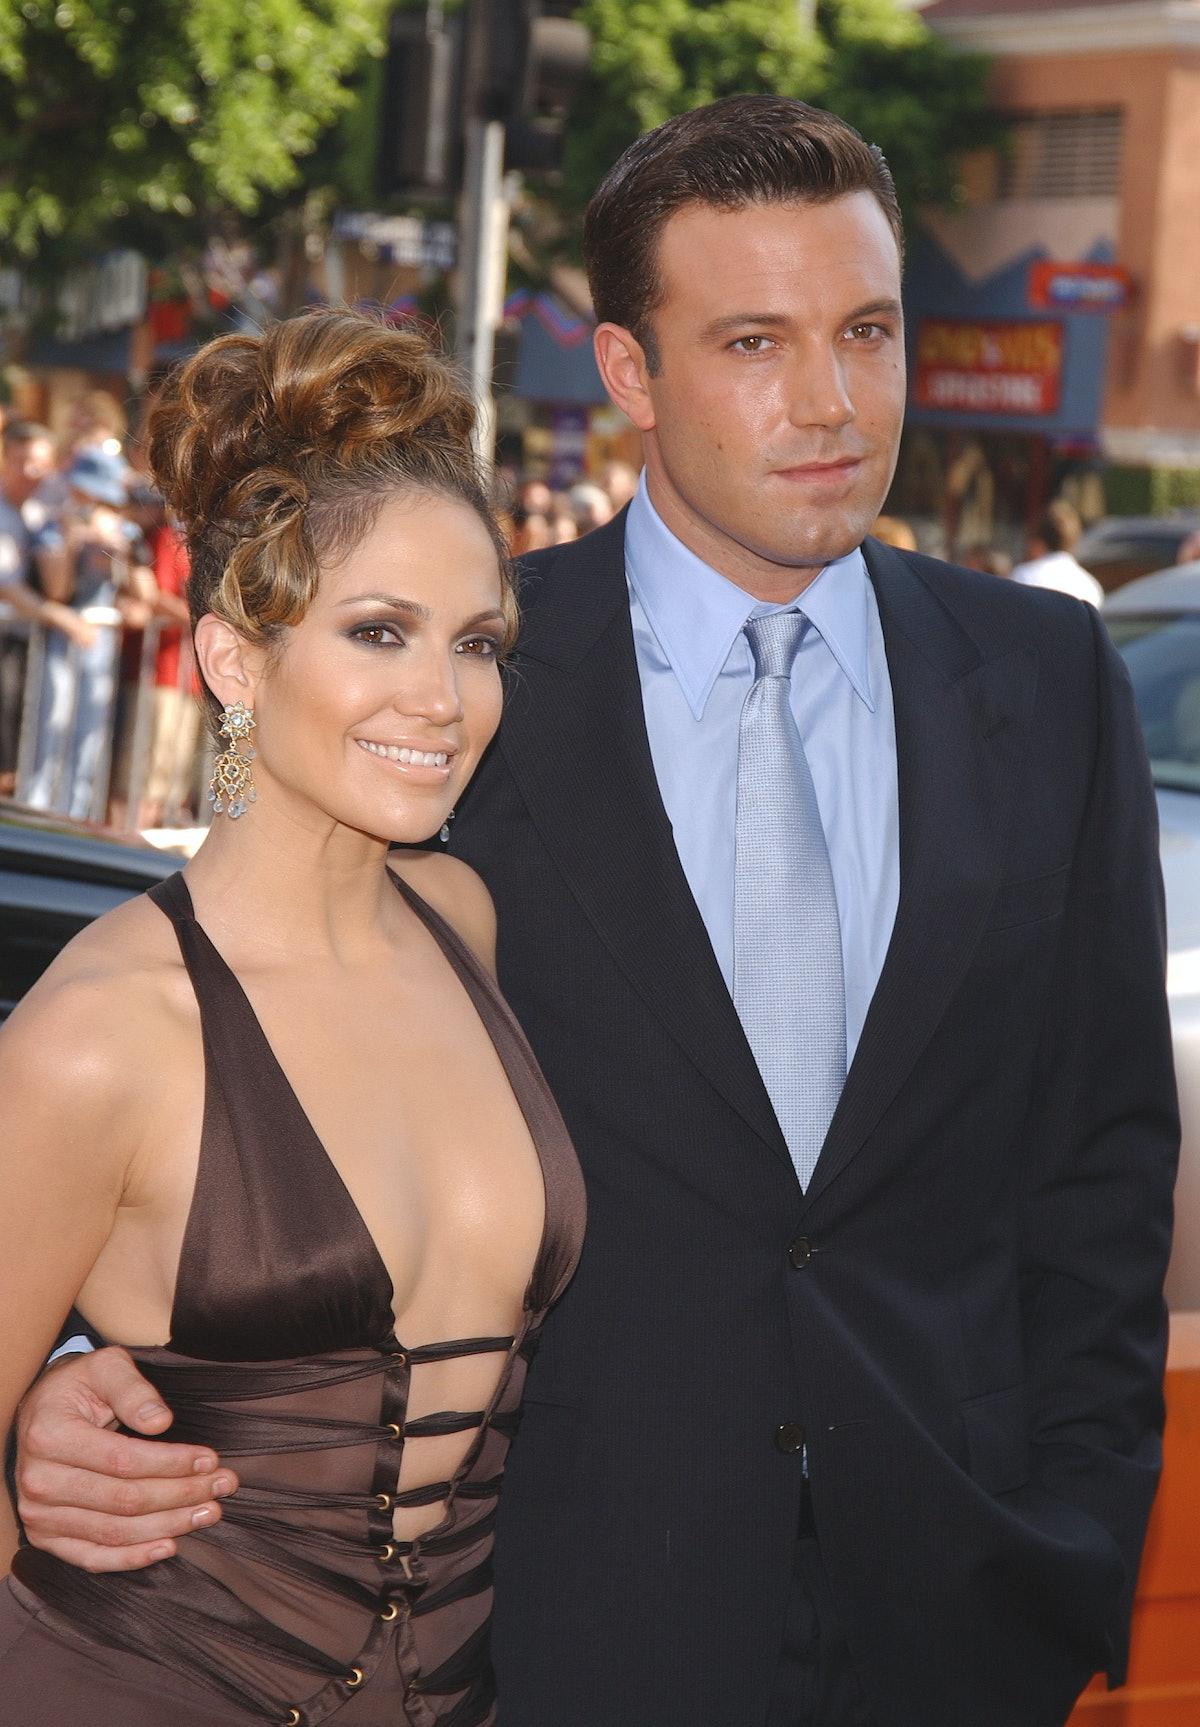 Ben Affleck Reacts To Jennifer Lopez's 'Hustlers' Oscars Snub